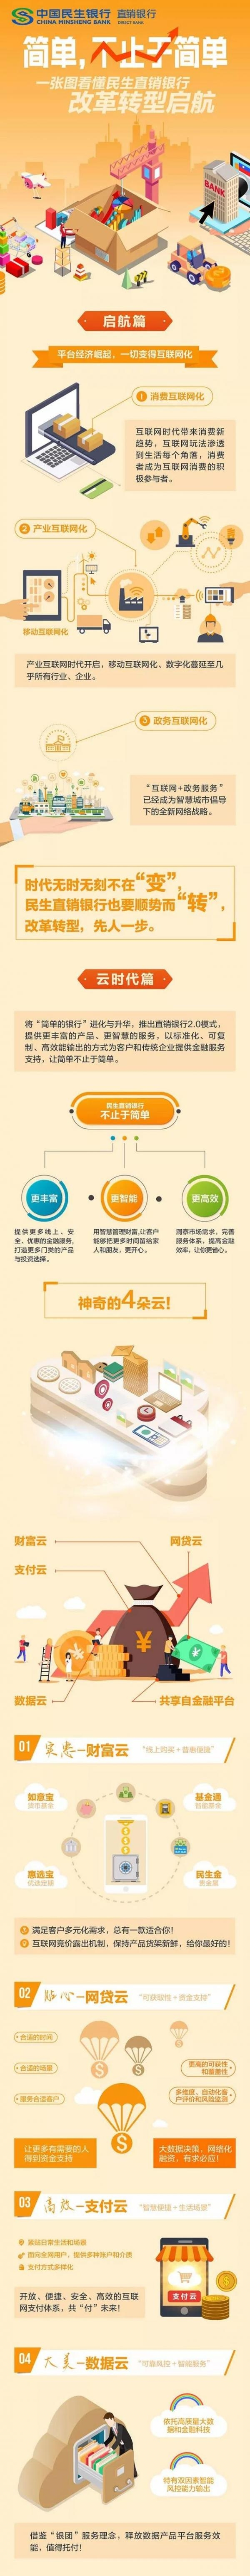 中国衡阳新闻网 www.e0734.com